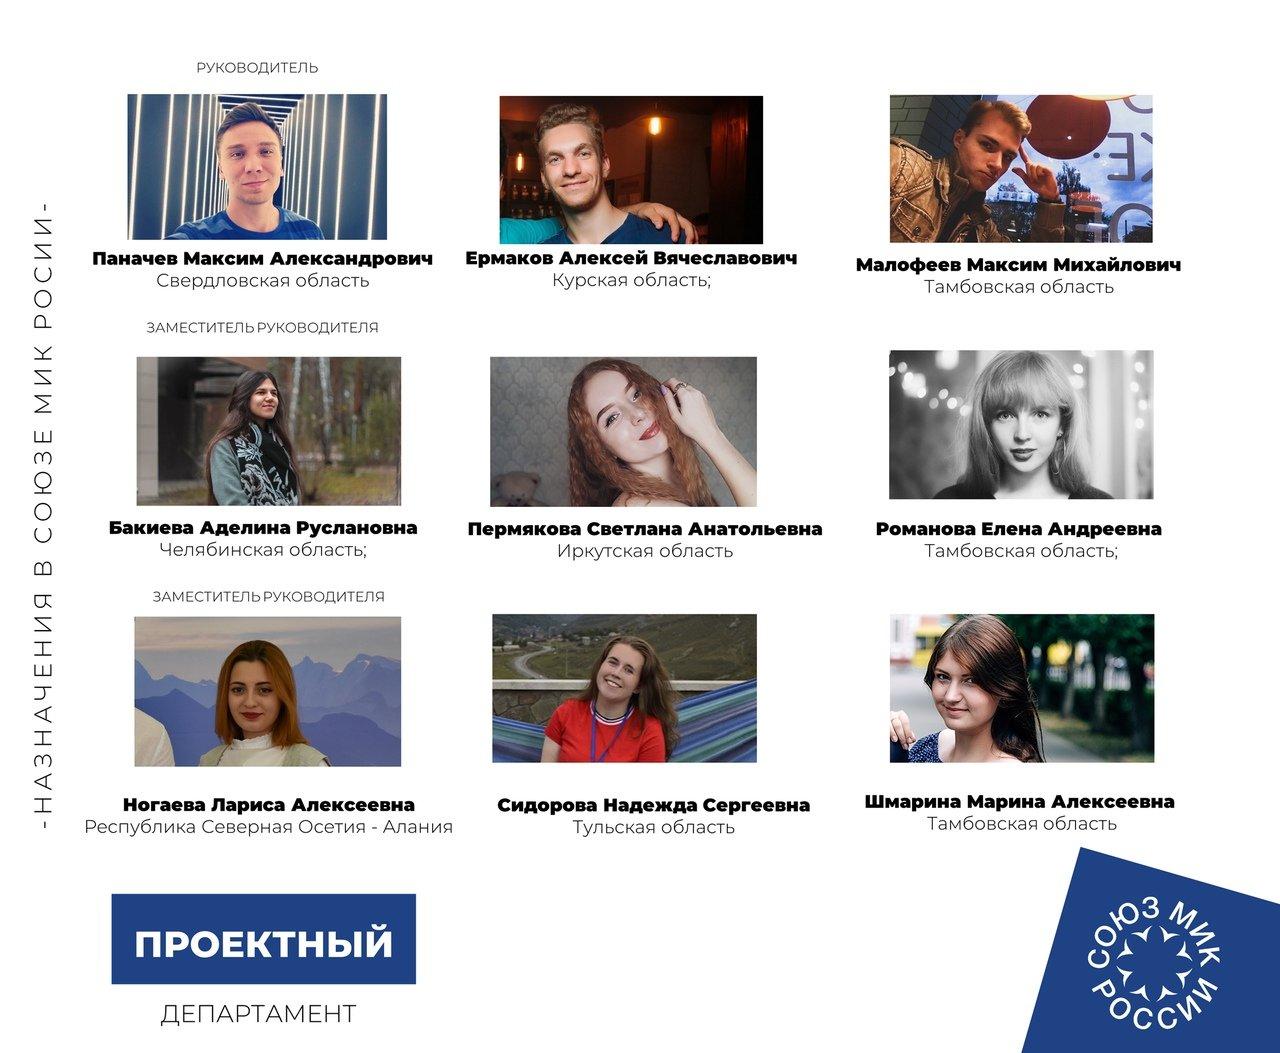 Студентку Тамбовского филиала РАНХиГС назначили в проектный департамент союза МИК России, фото-1